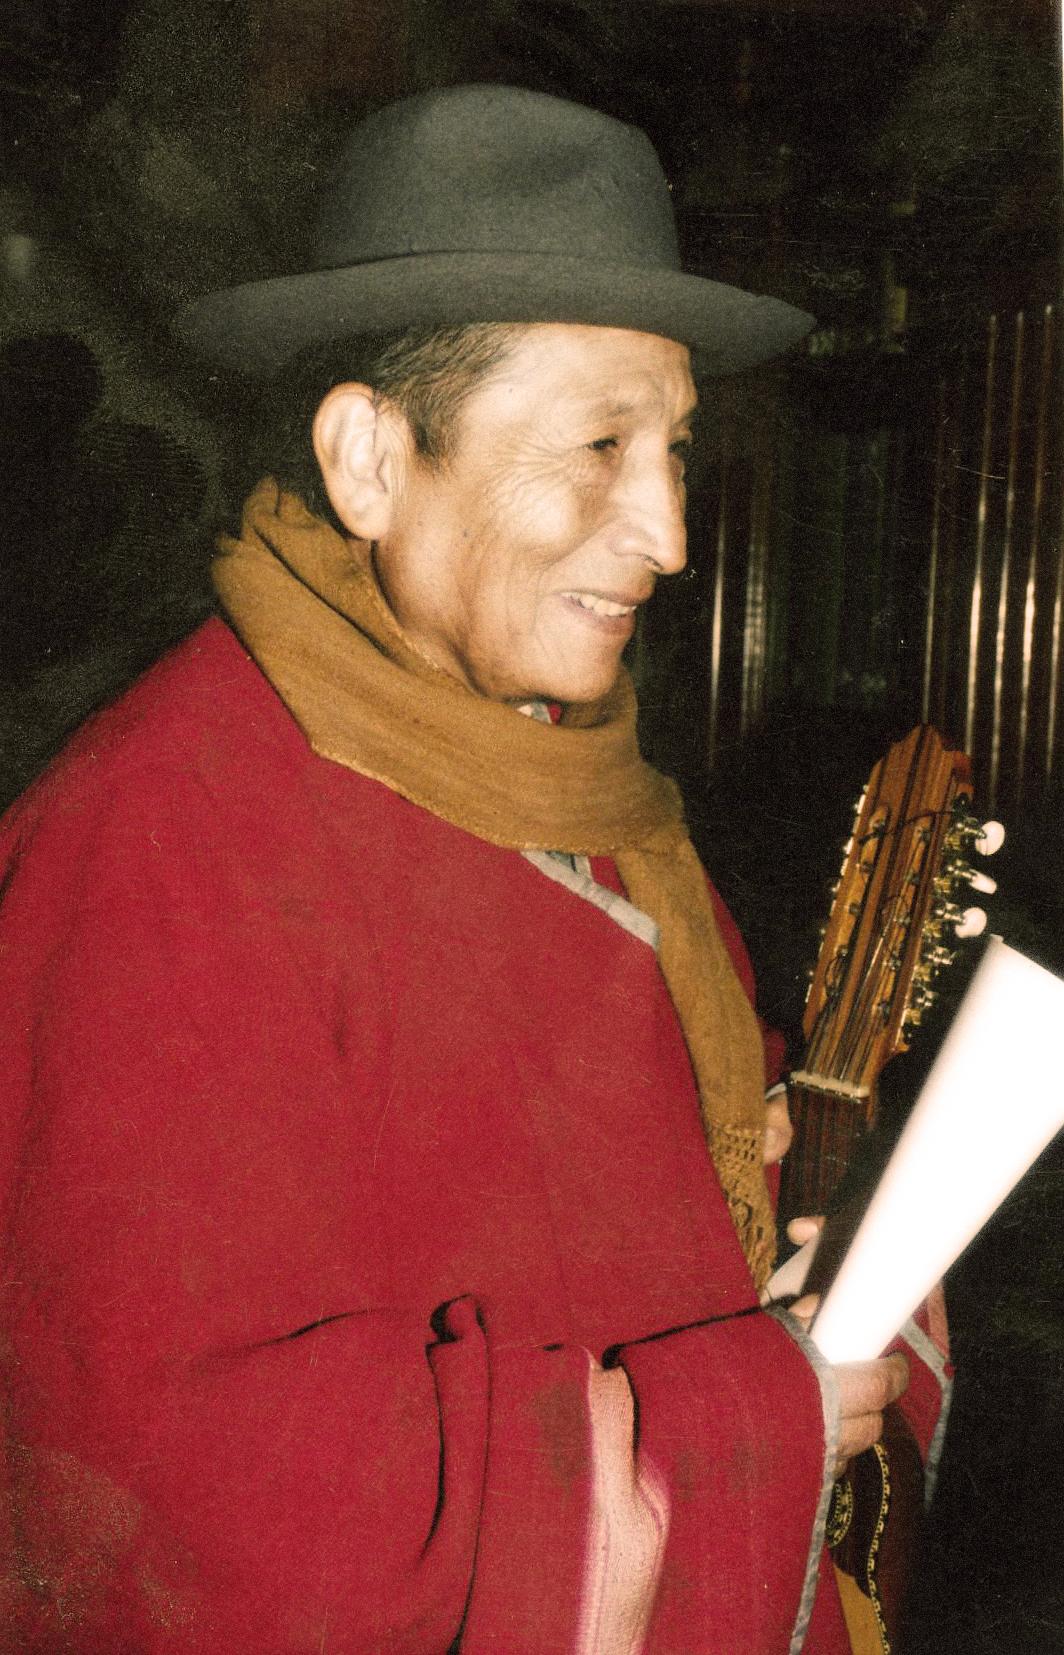 Pedro Humire con su charango y poesía Aymara.